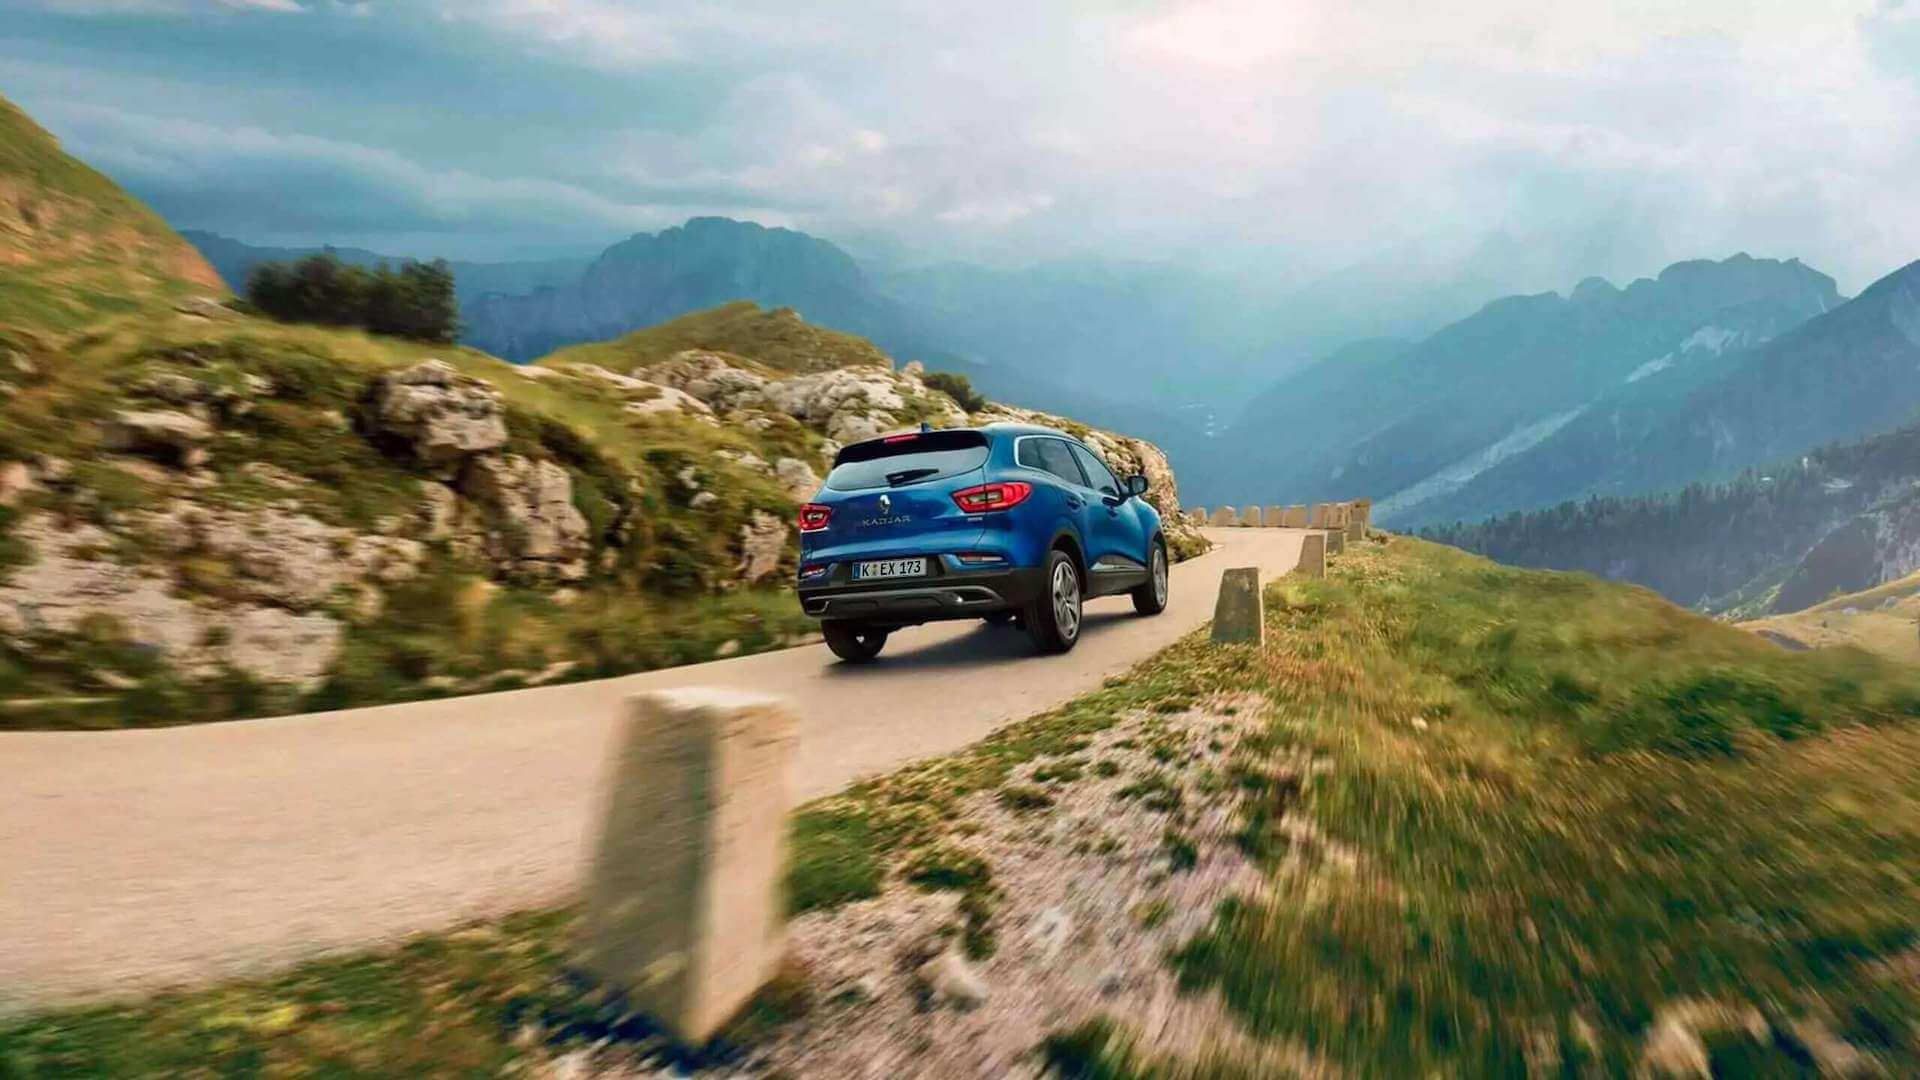 Heckansicht vom blauen Auto - Auto fährt in einer Kurve - Renault Kadjar - Renault Ahrens Hannover